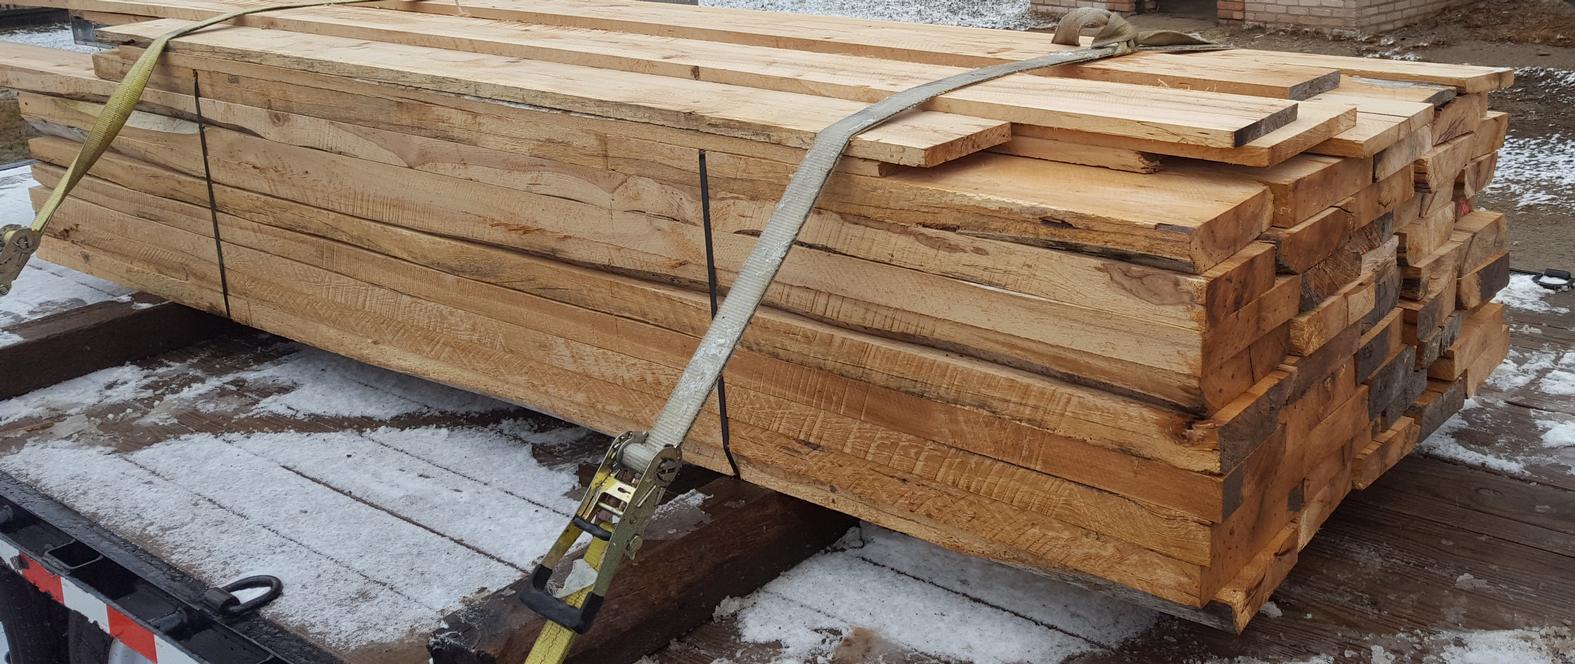 Rock Elm BLANKS sawn from Barn Beams - rare wood species